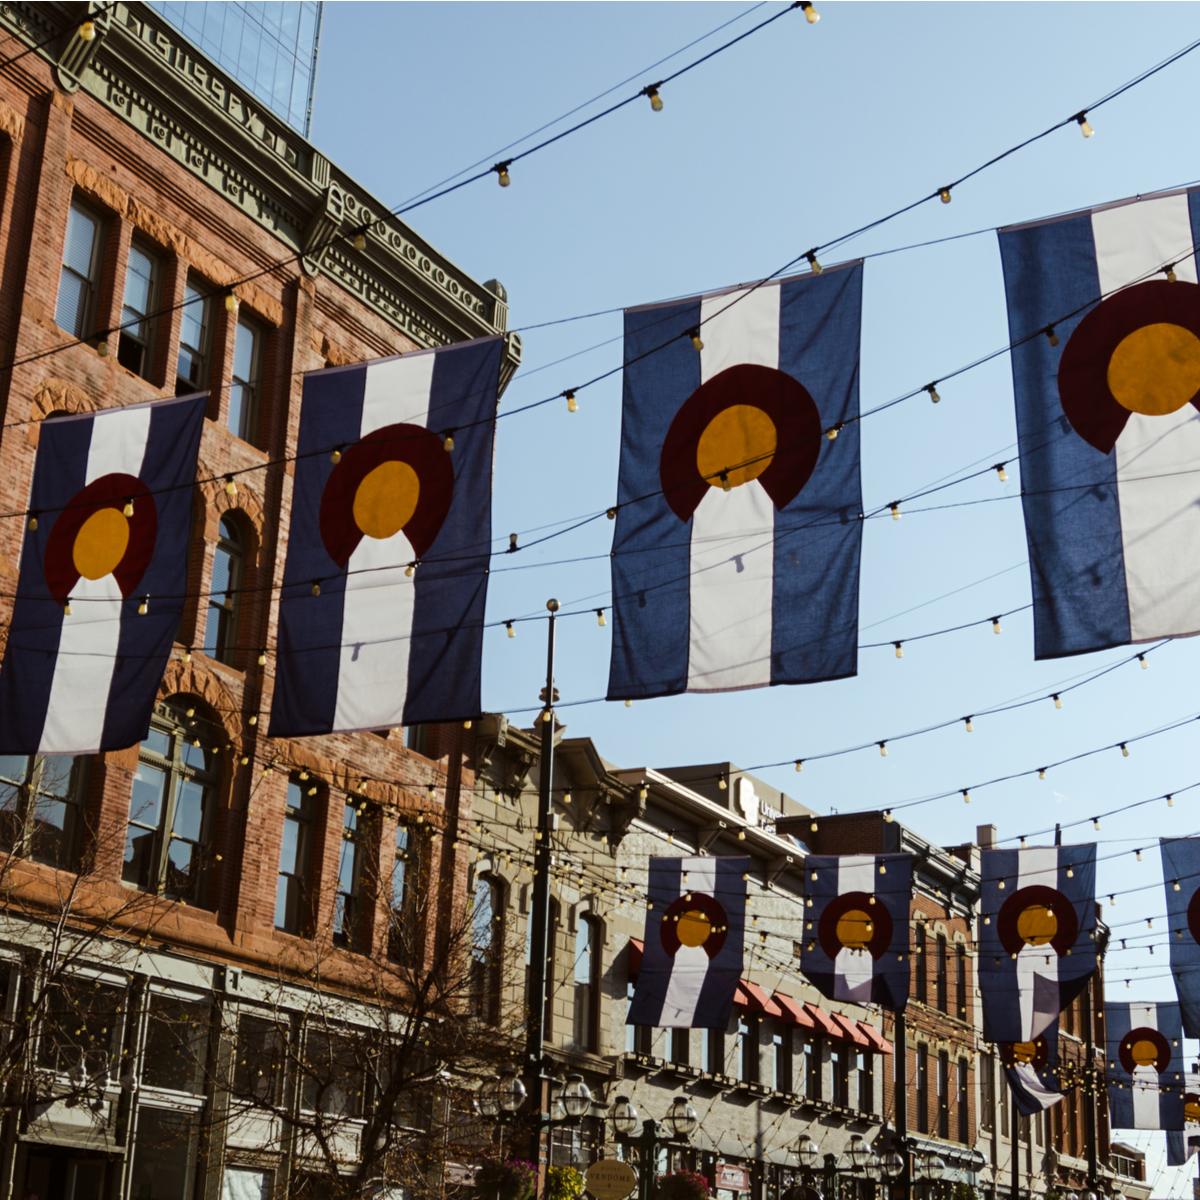 Flags, Larimer Street, Denver.